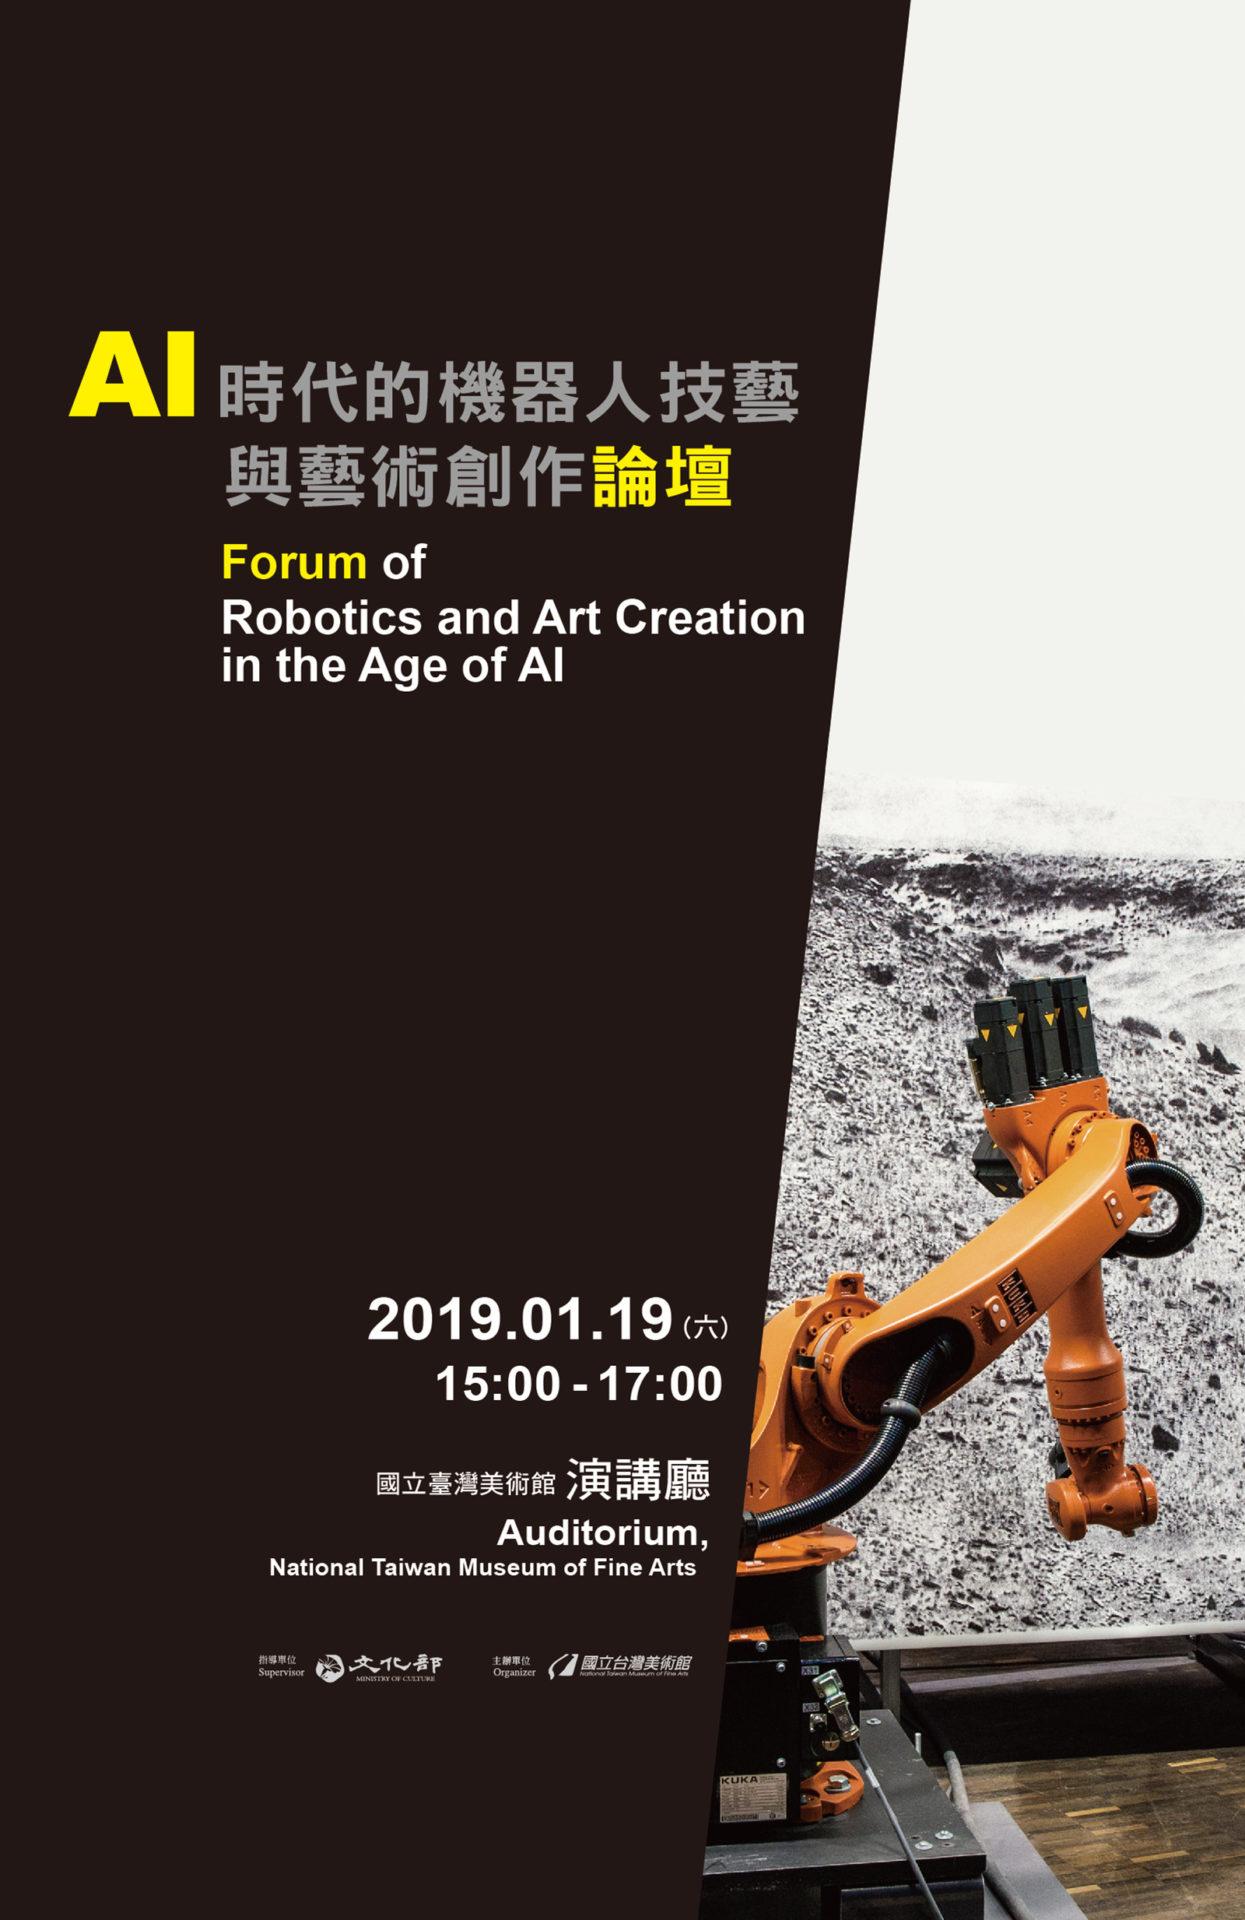 國立臺灣美術館:2019/01/19【「AI時代的機器人技藝與藝術創作」論壇】